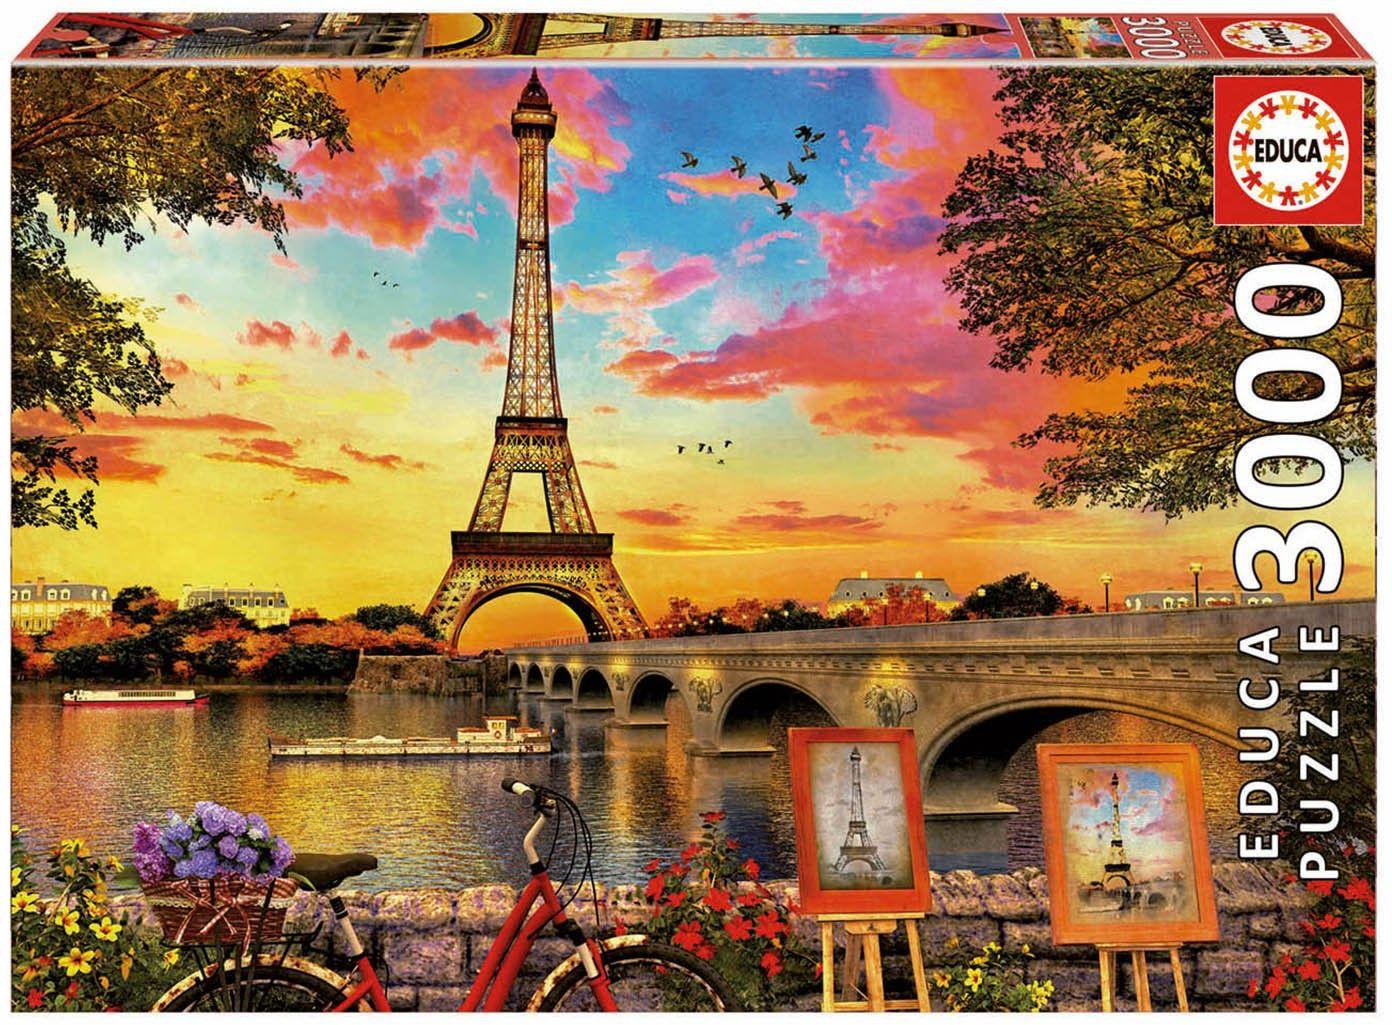 Educa Borrás 17675 Sonnenuntergang Educa Borras zachód słońca w Paryżu 3000 Puzzle Multi